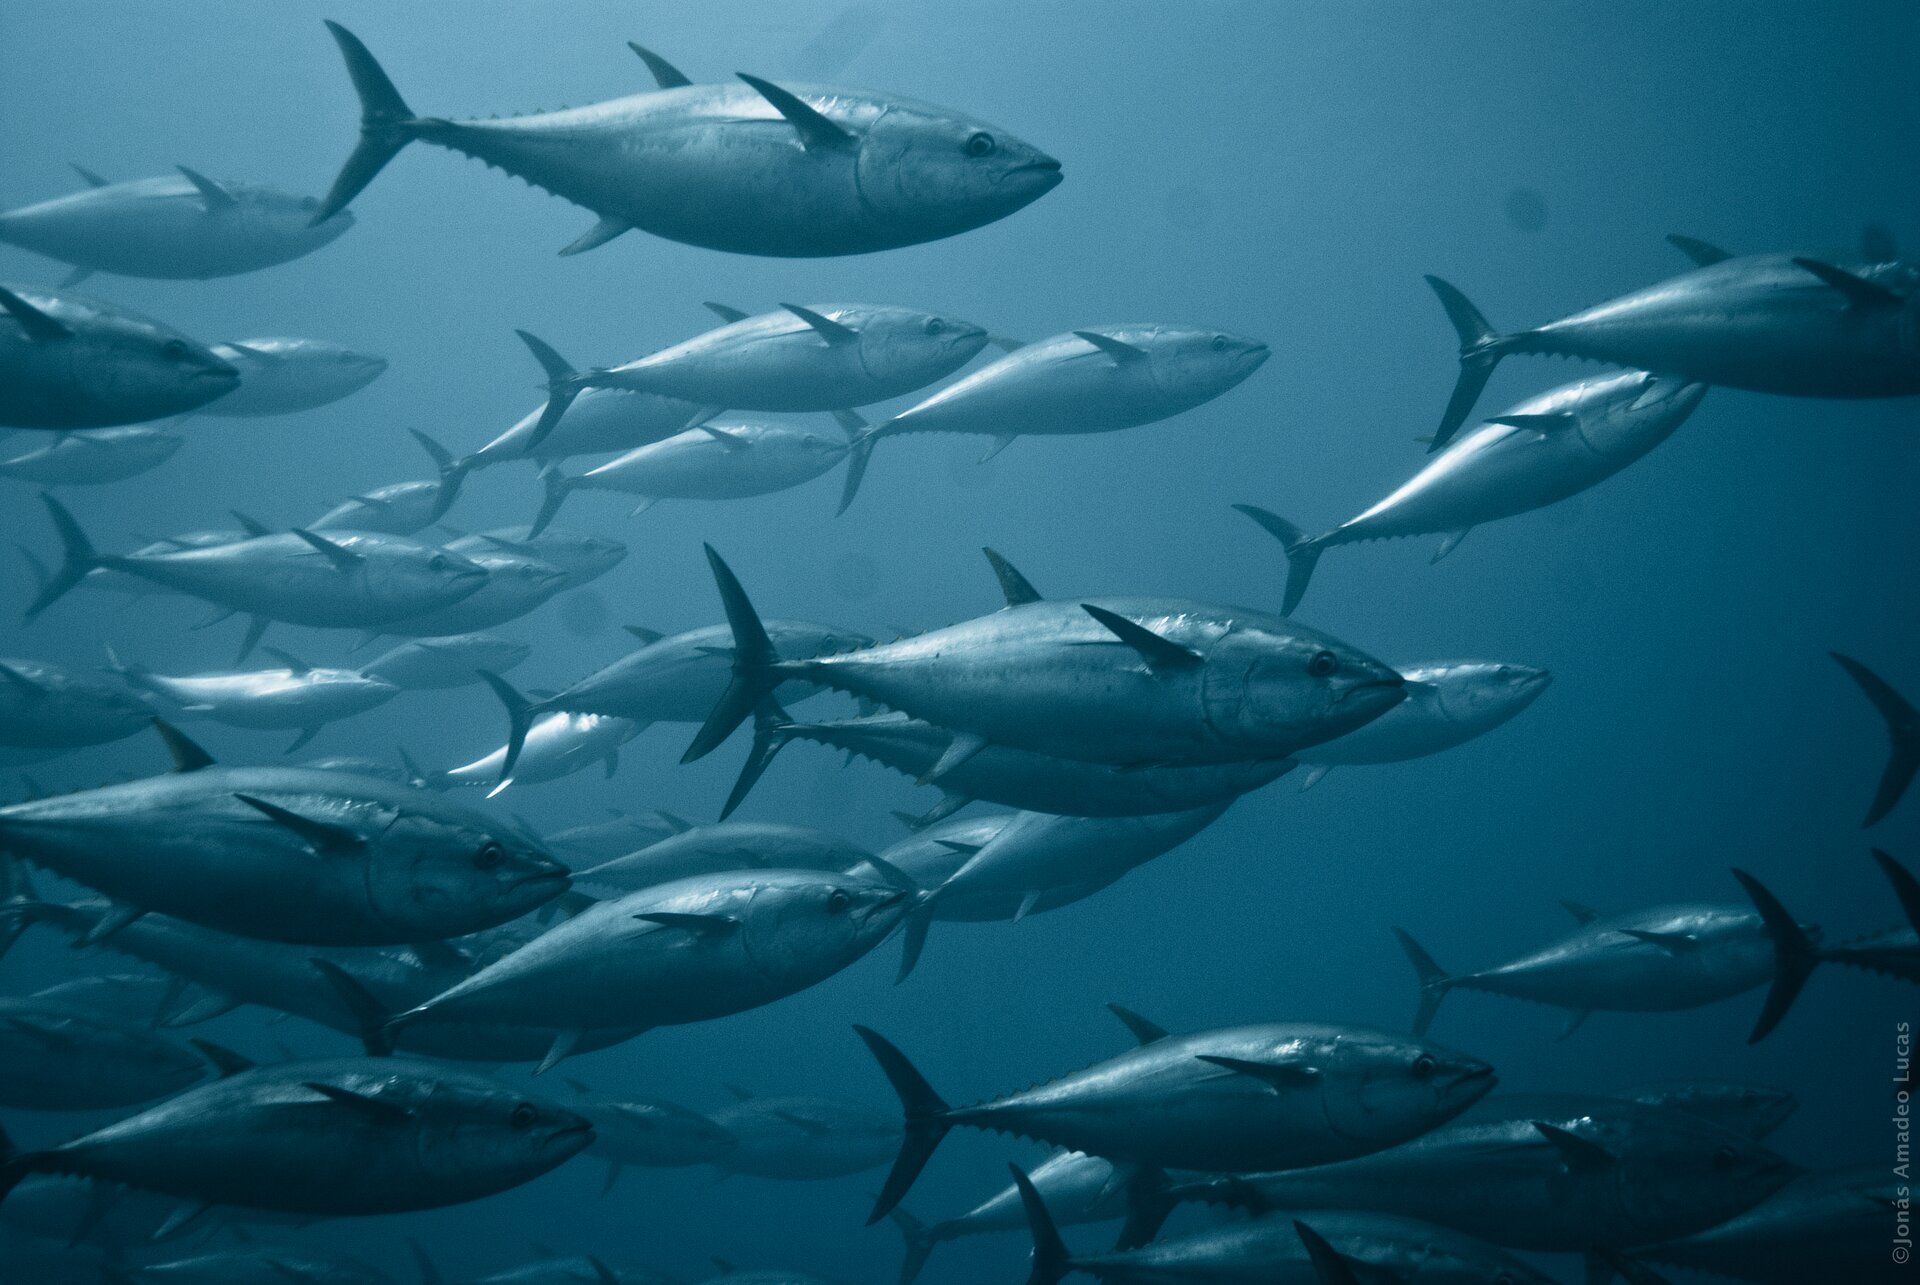 Fotografia podwodna przedstawia kilkanaście tuńczyków płynących ławicą wprawo. Są ciemnoszare na grzbiecie ijaśniejsze na brzuchu, zpołyskiem. Mają wrzecionowate ciała, wąskie płetwy ikolczaste wyrostki wtylne części grzbietu. Głowy duże, trójkątne; duże oczy.